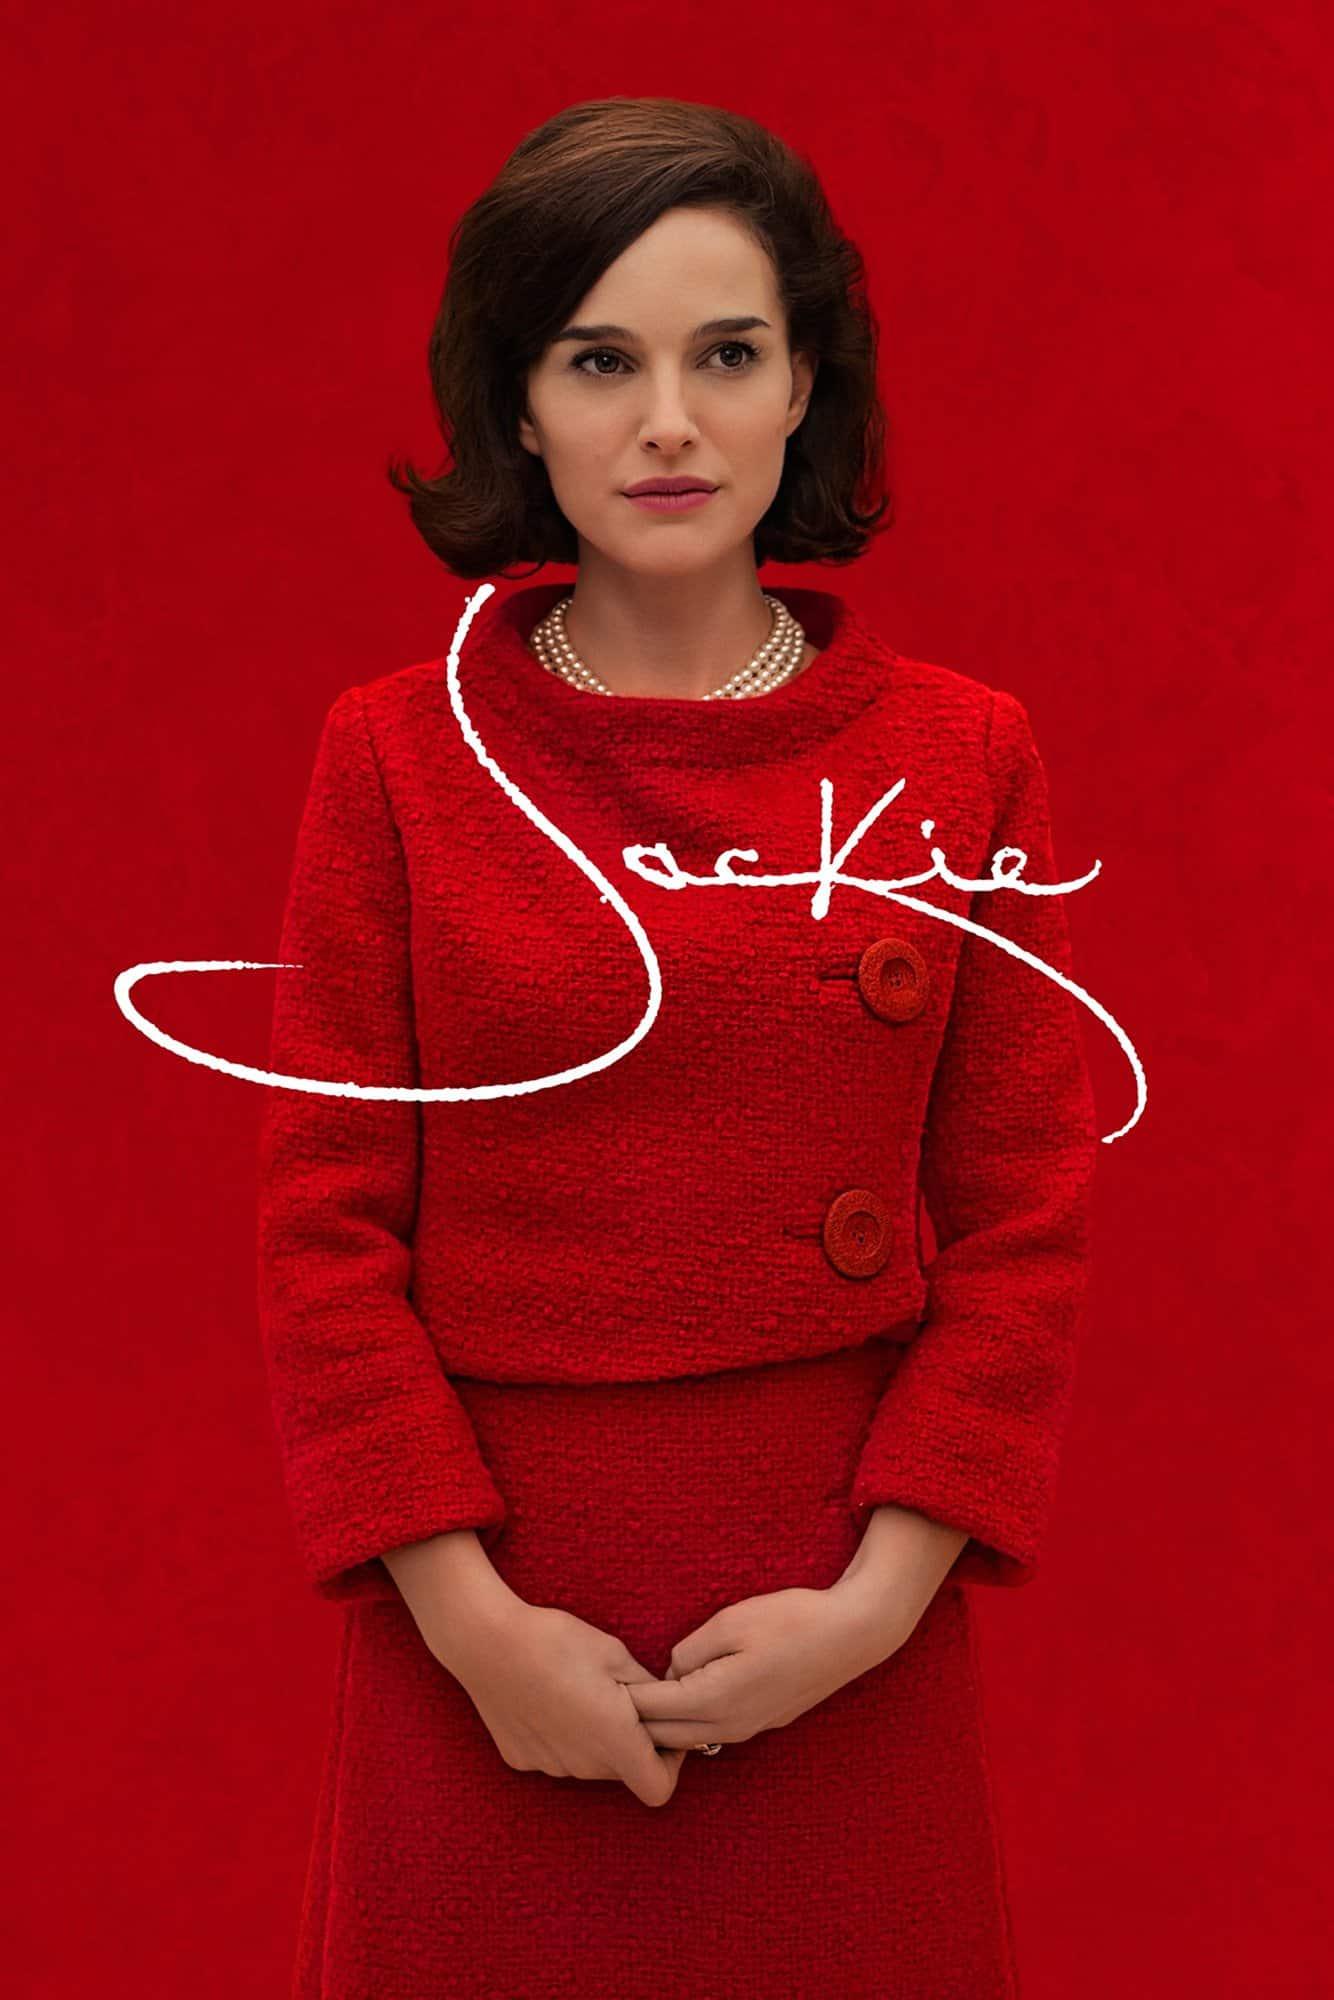 Jackie, 2016